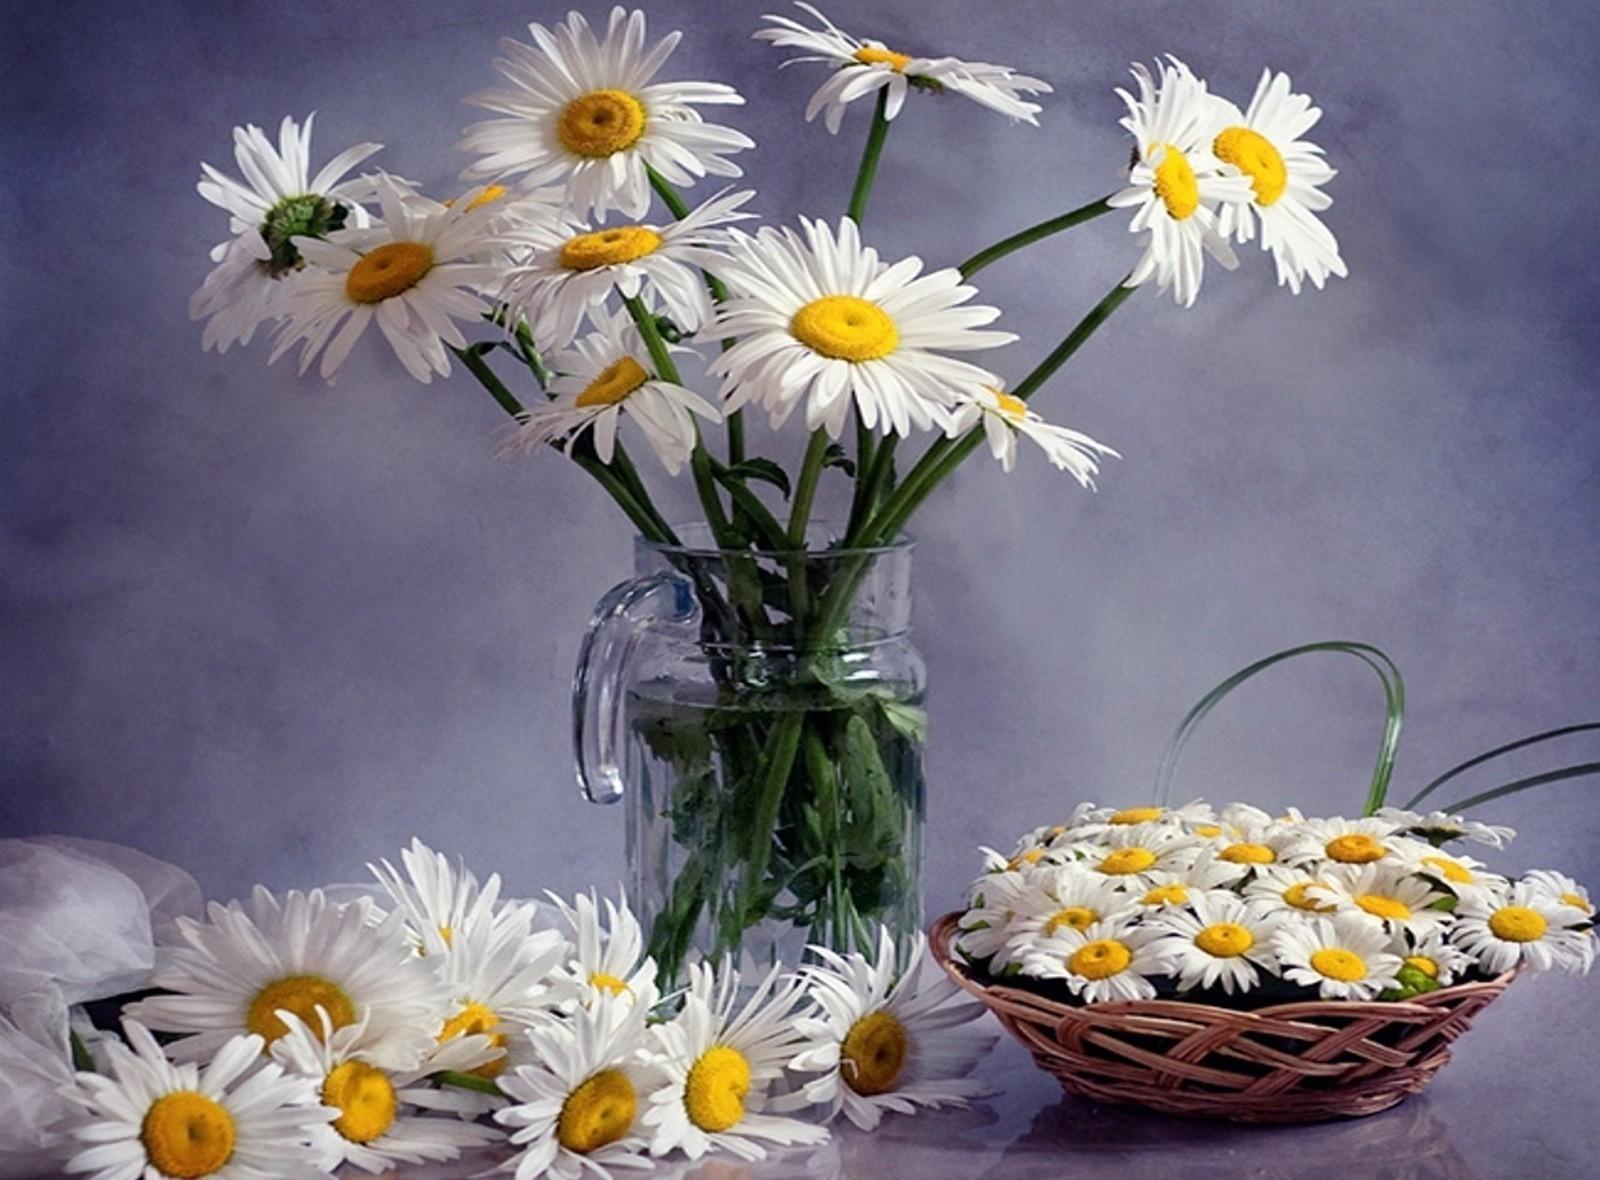 116055 télécharger le fond d'écran Fleurs, Camomille, Parcelle, Beaucoup, Cruche, Panier, Bouquets - économiseurs d'écran et images gratuitement